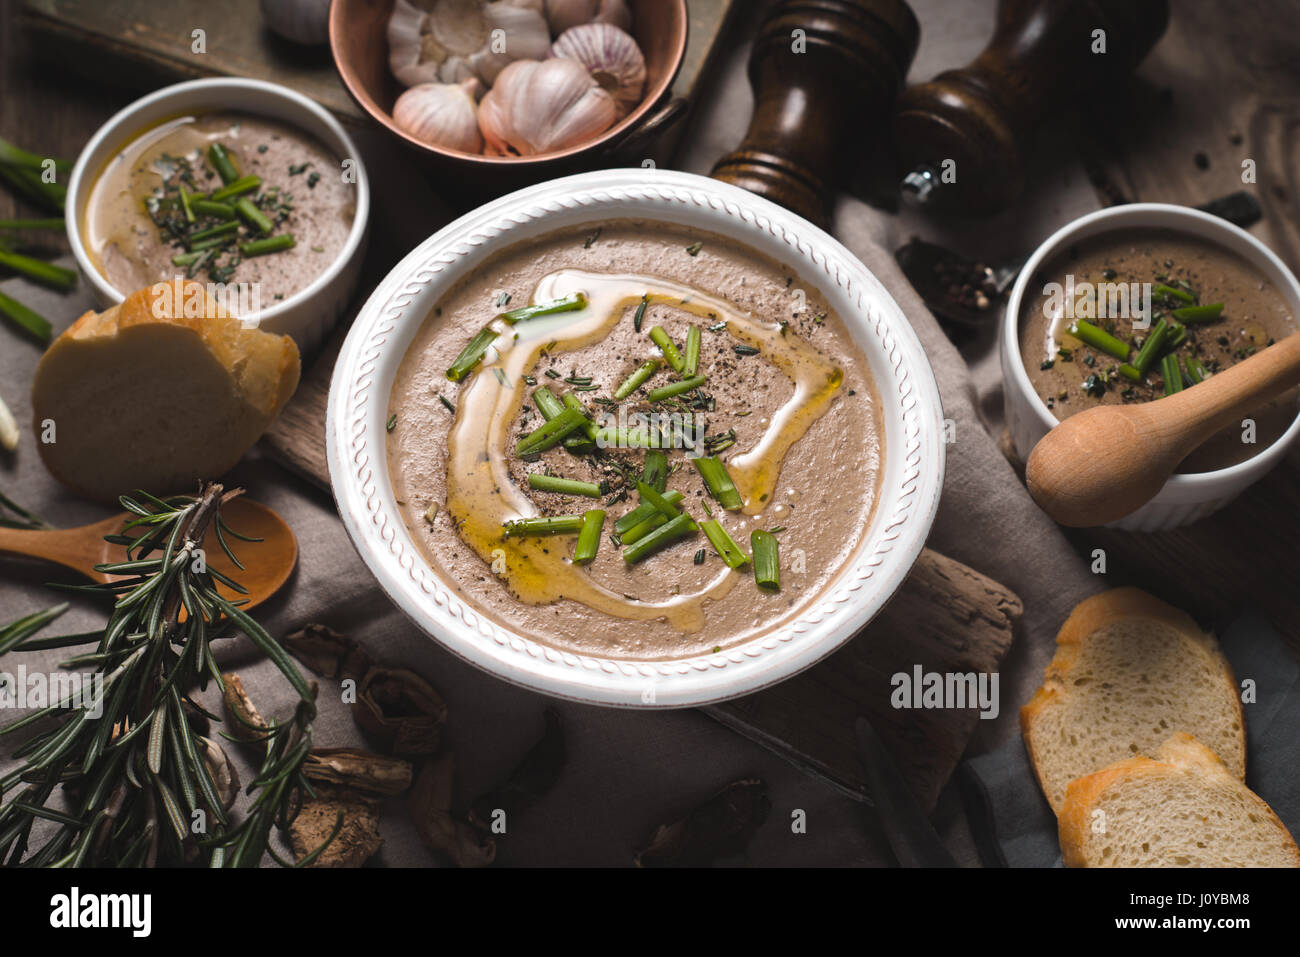 Pilzsuppe Püree aus Keramik Schalen Draufsicht Stockbild